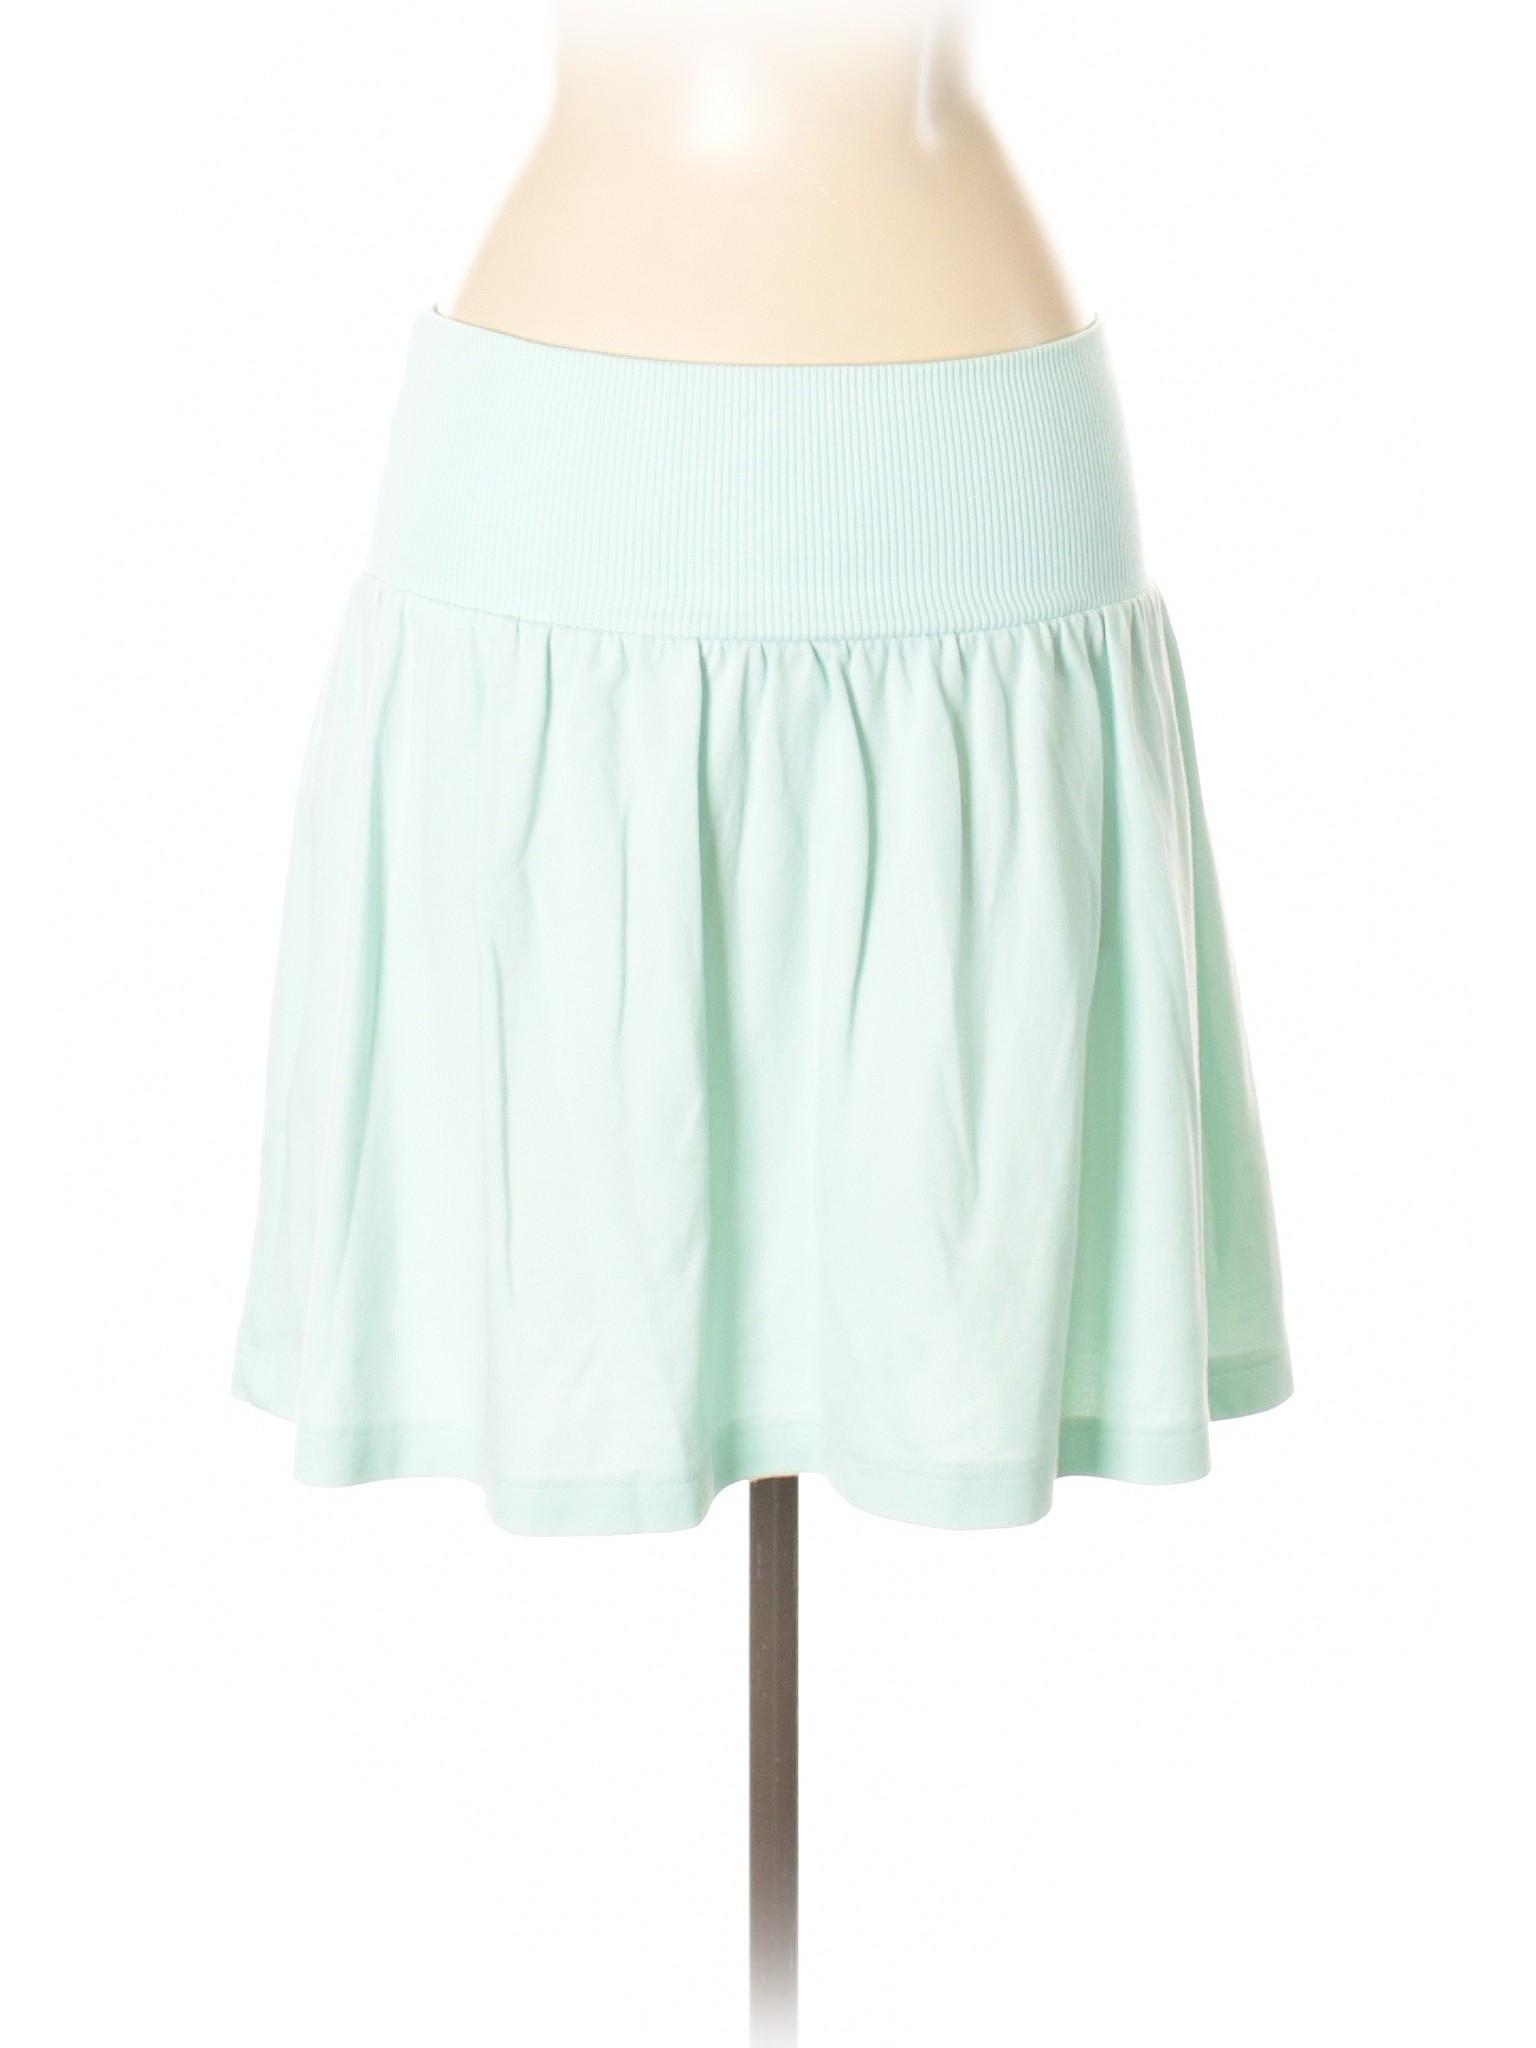 Boutique Skirt Casual Boutique Skirt Casual Boutique Skirt Boutique Casual Skirt Boutique Casual Casual 76yAFqp4